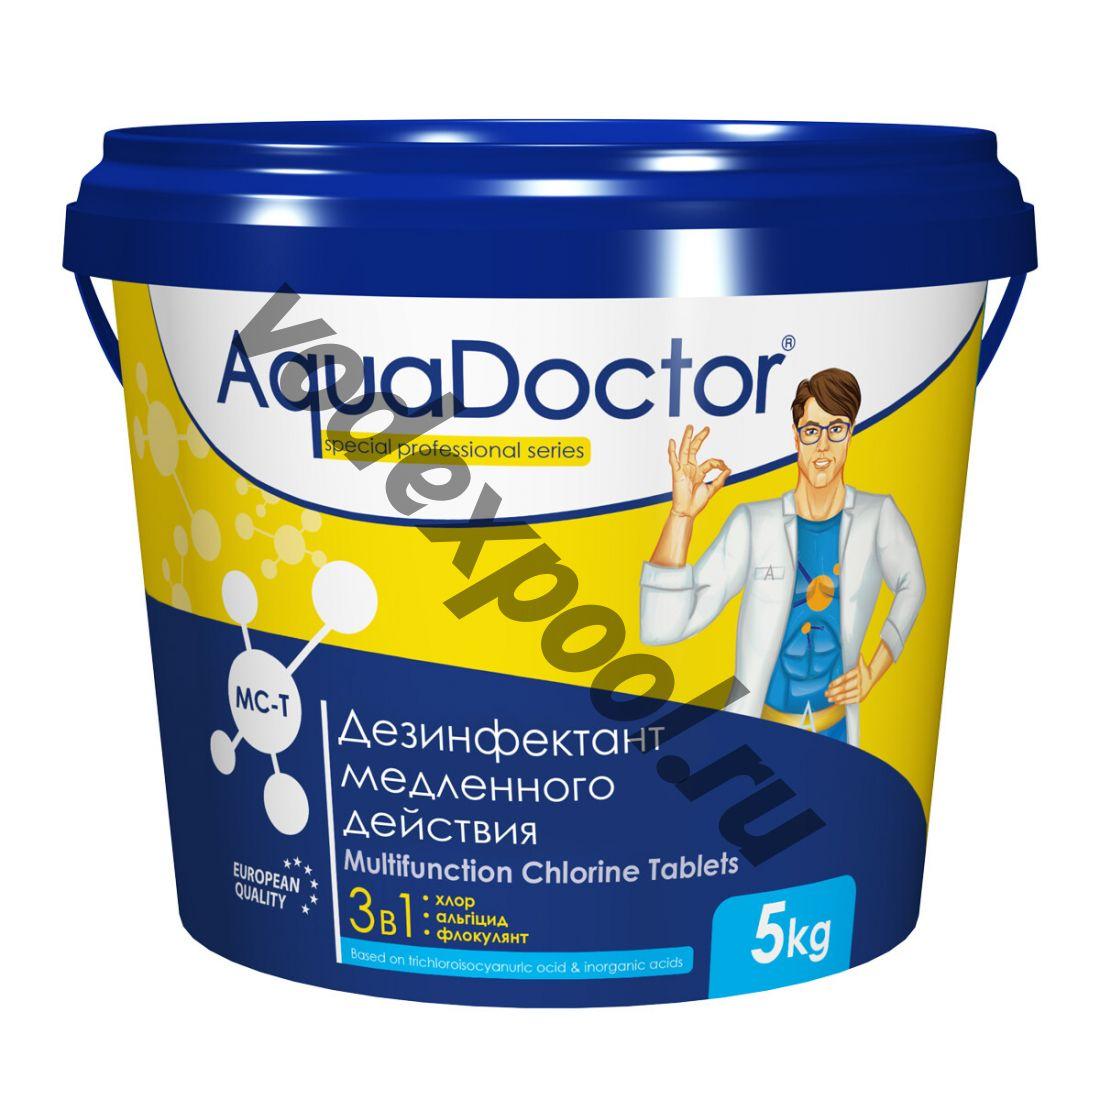 Средство по уходу за водой в бассейне AquaDoctor MC-T ( 3 в 1)  5 кг